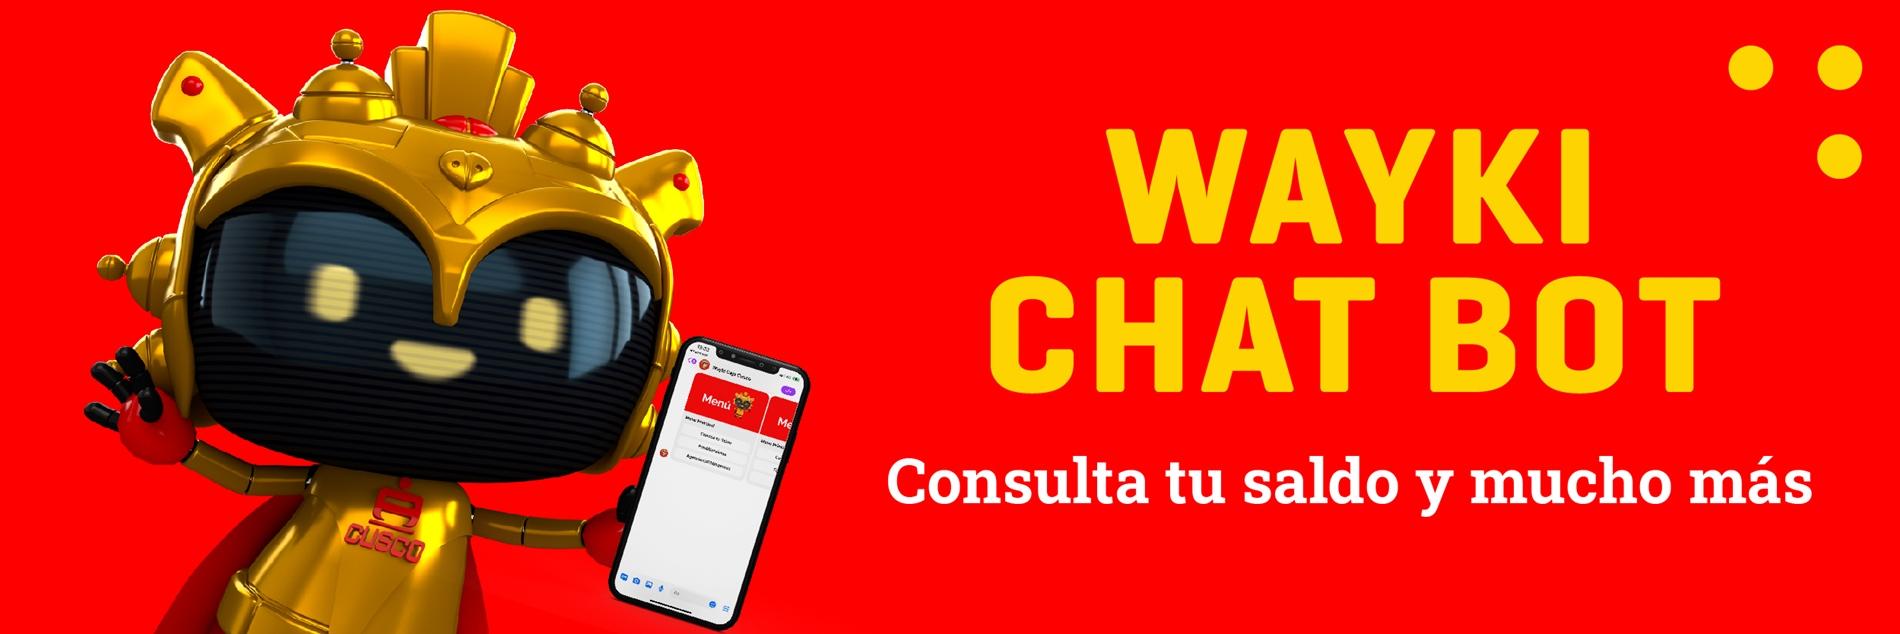 Wayki Chat bot